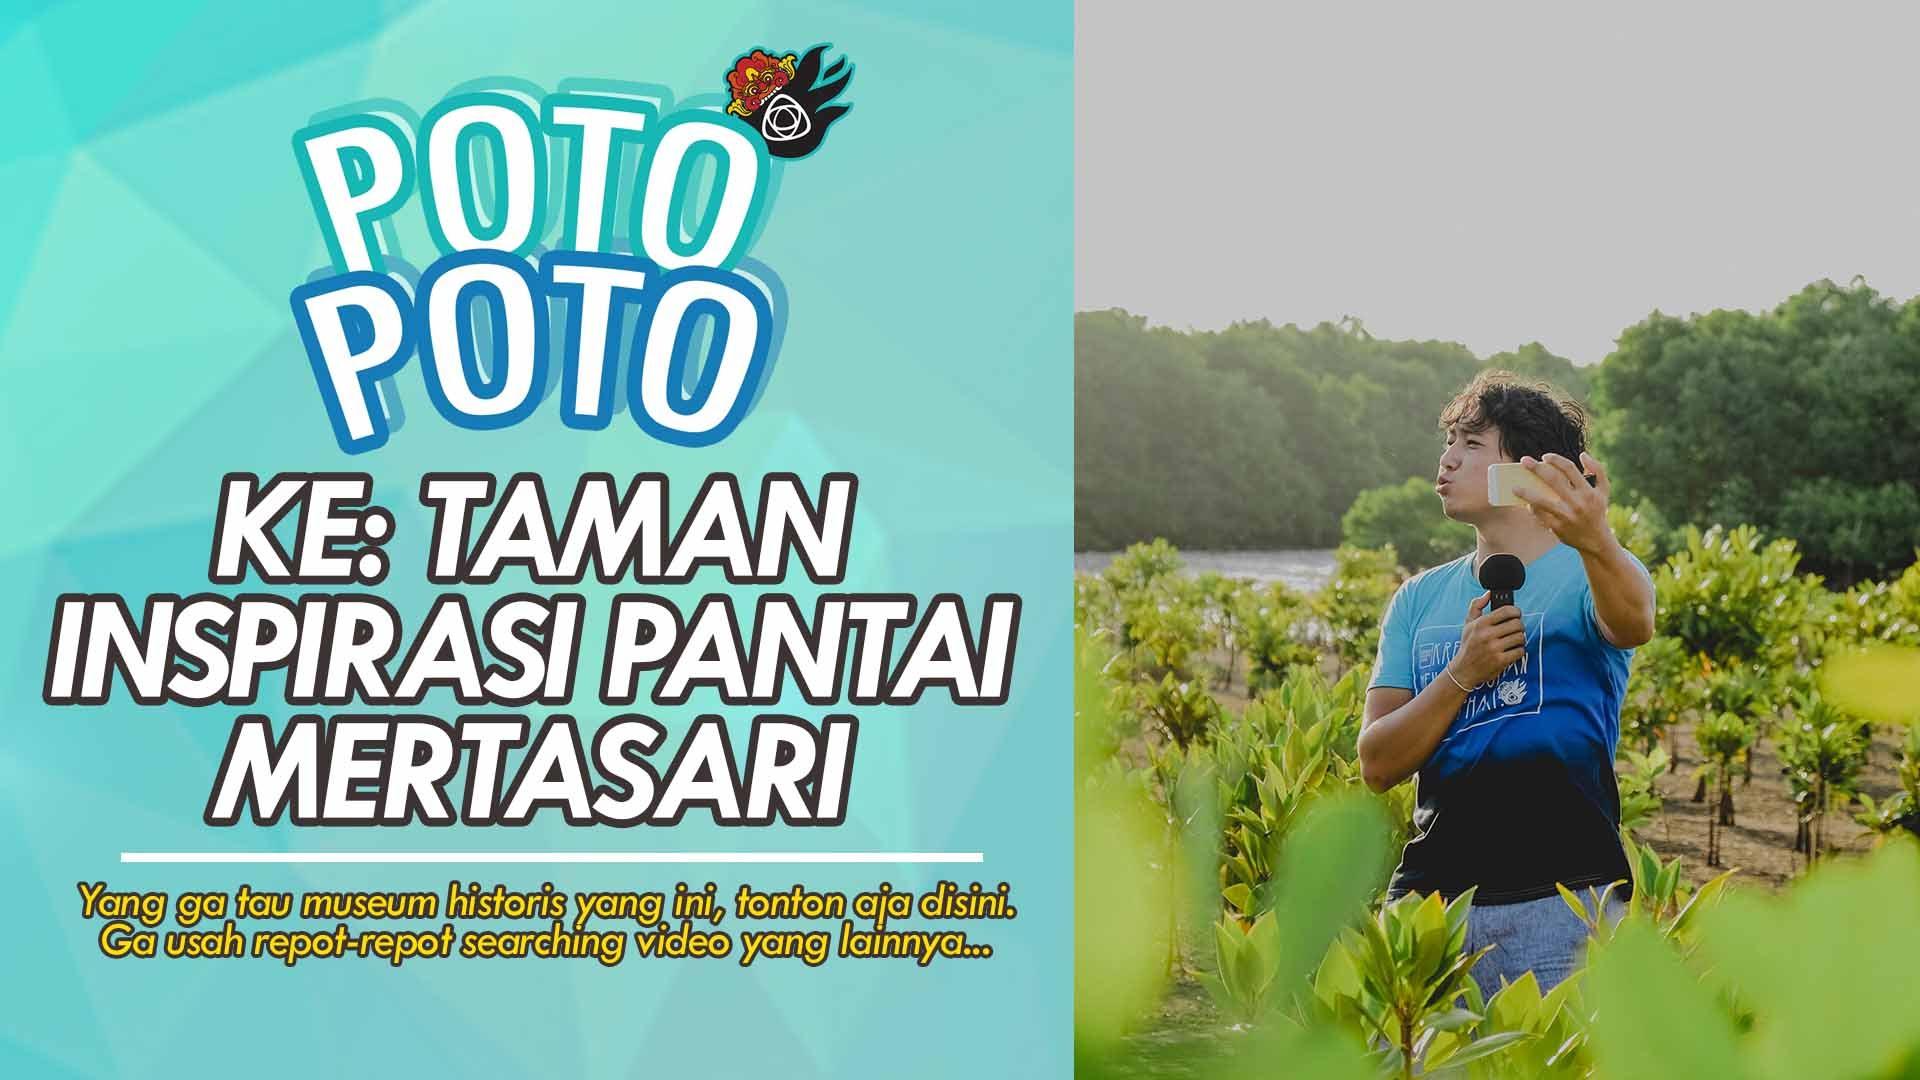 Taman Inspirasi Pantai Mertasari Bareng Temen Fotografer Kita Kota Denpasar